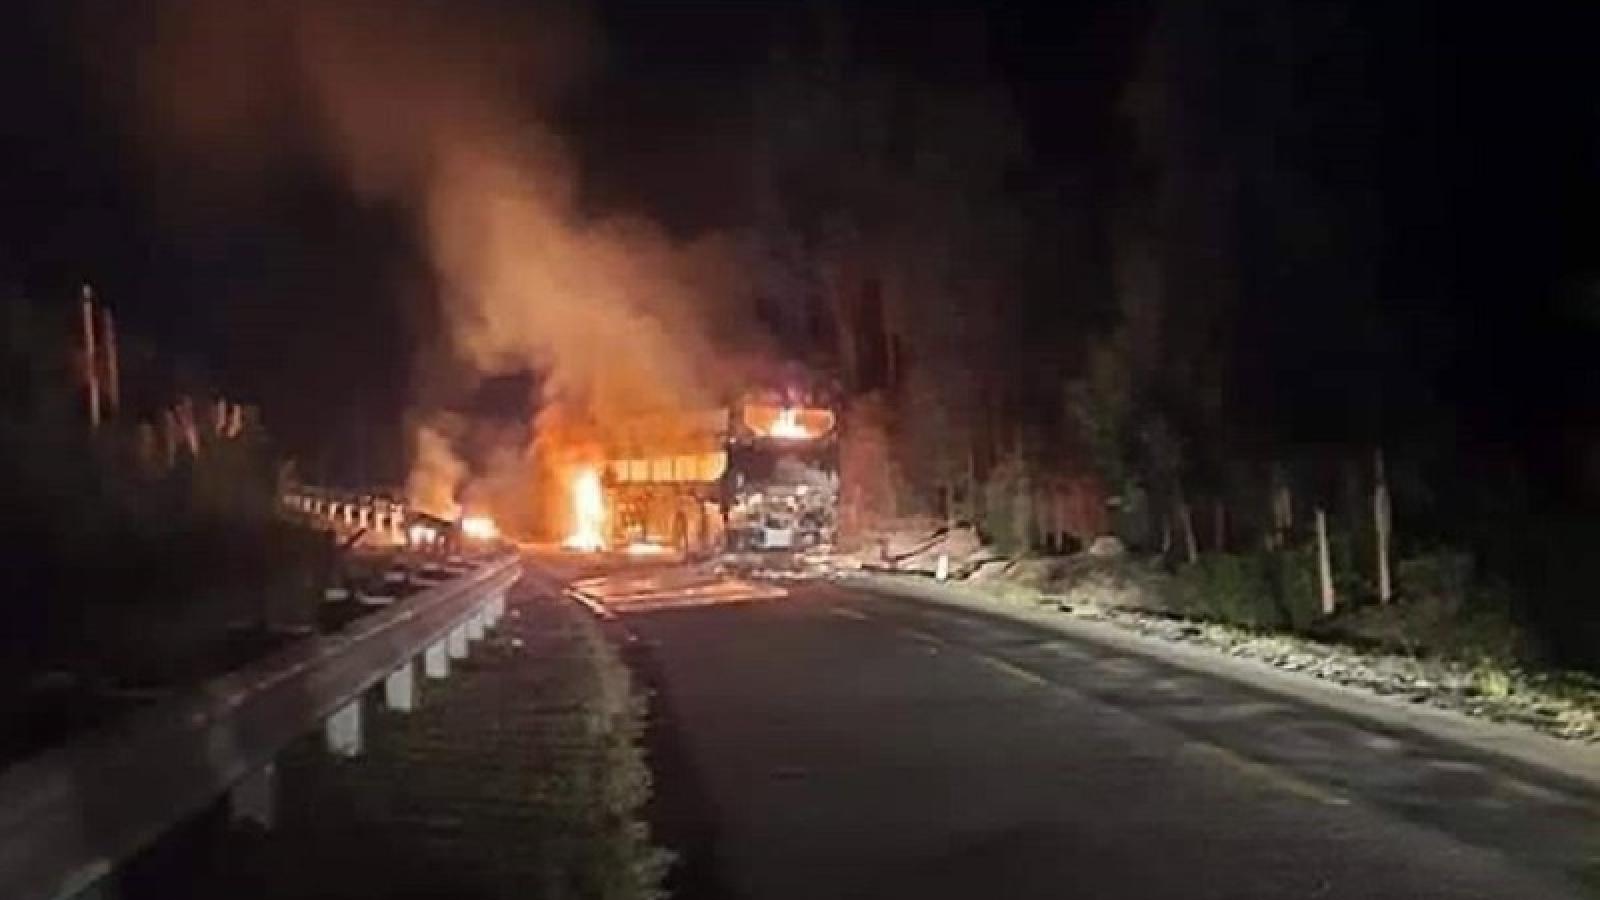 Xe khách bất ngờ bốc cháy trơ khung ở đèo Phượng Hoàng, Đắk Lắk